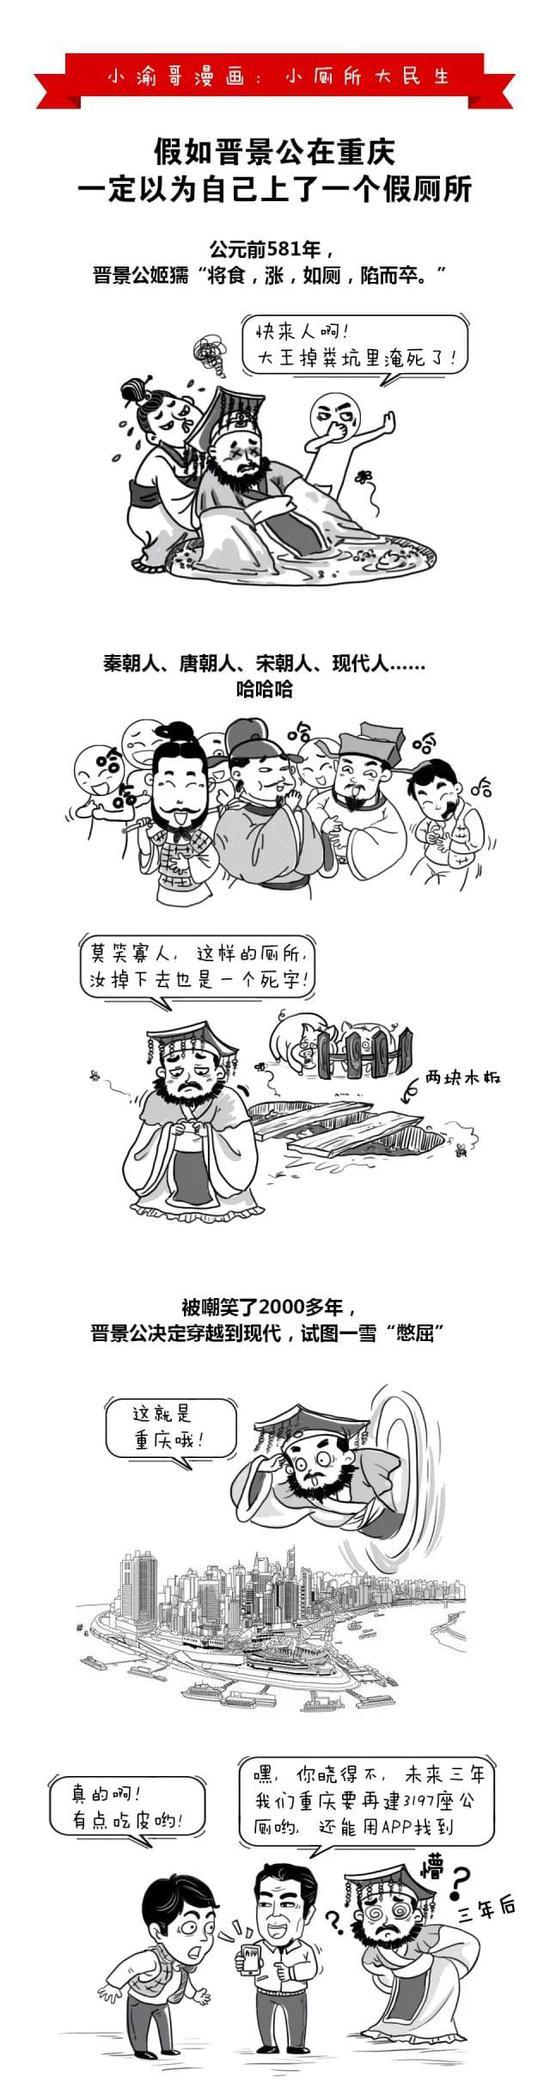 晋景公:游了趟重庆,我是不是遇到了假厕所?